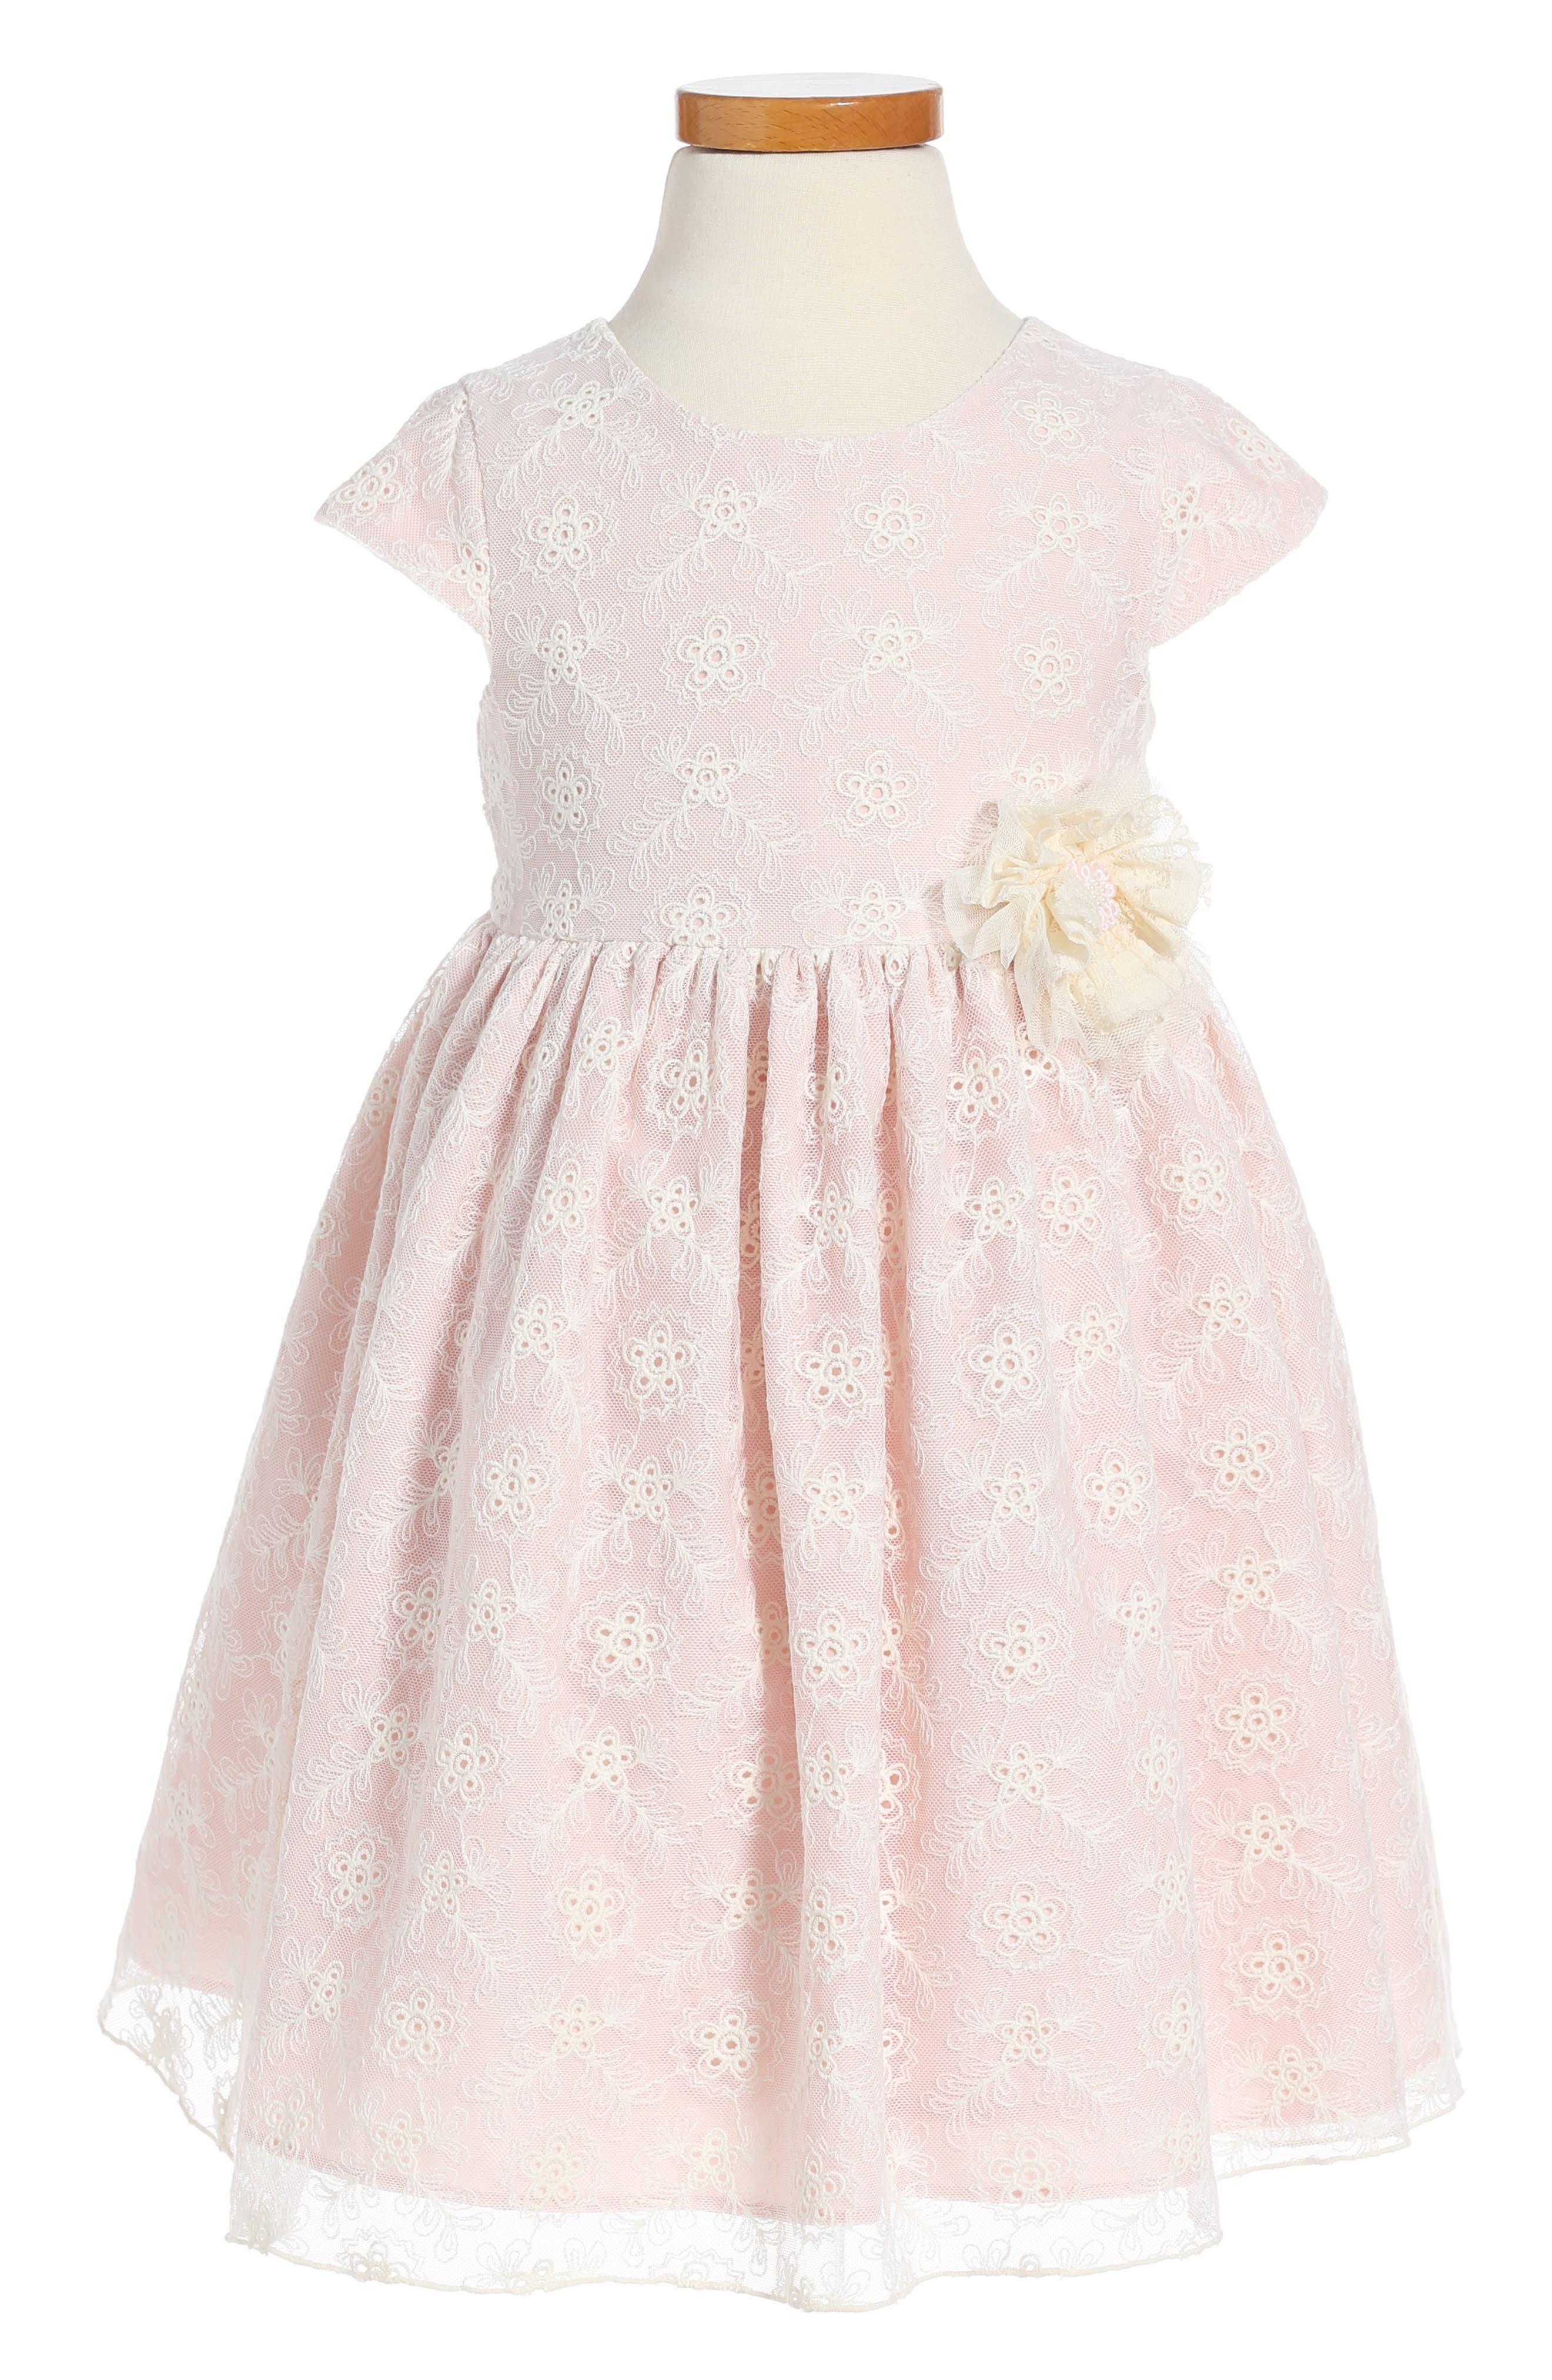 Pippa & Julie Lace Dress (Toddler Girls & Little Girls)